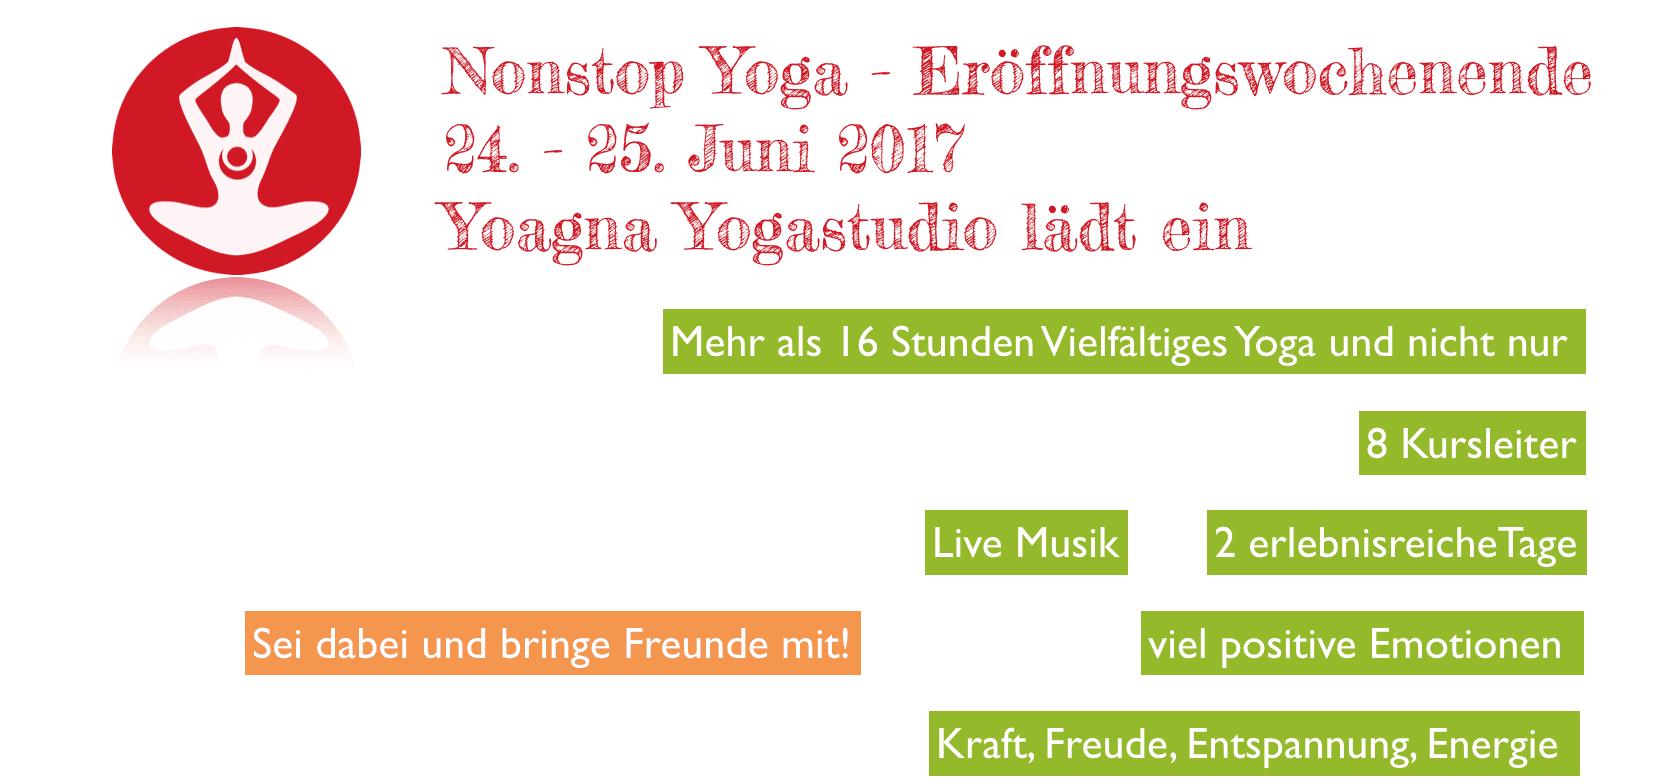 Nonstop Yoga Festival 2017 - das erste Yoga Festival in Duisburg